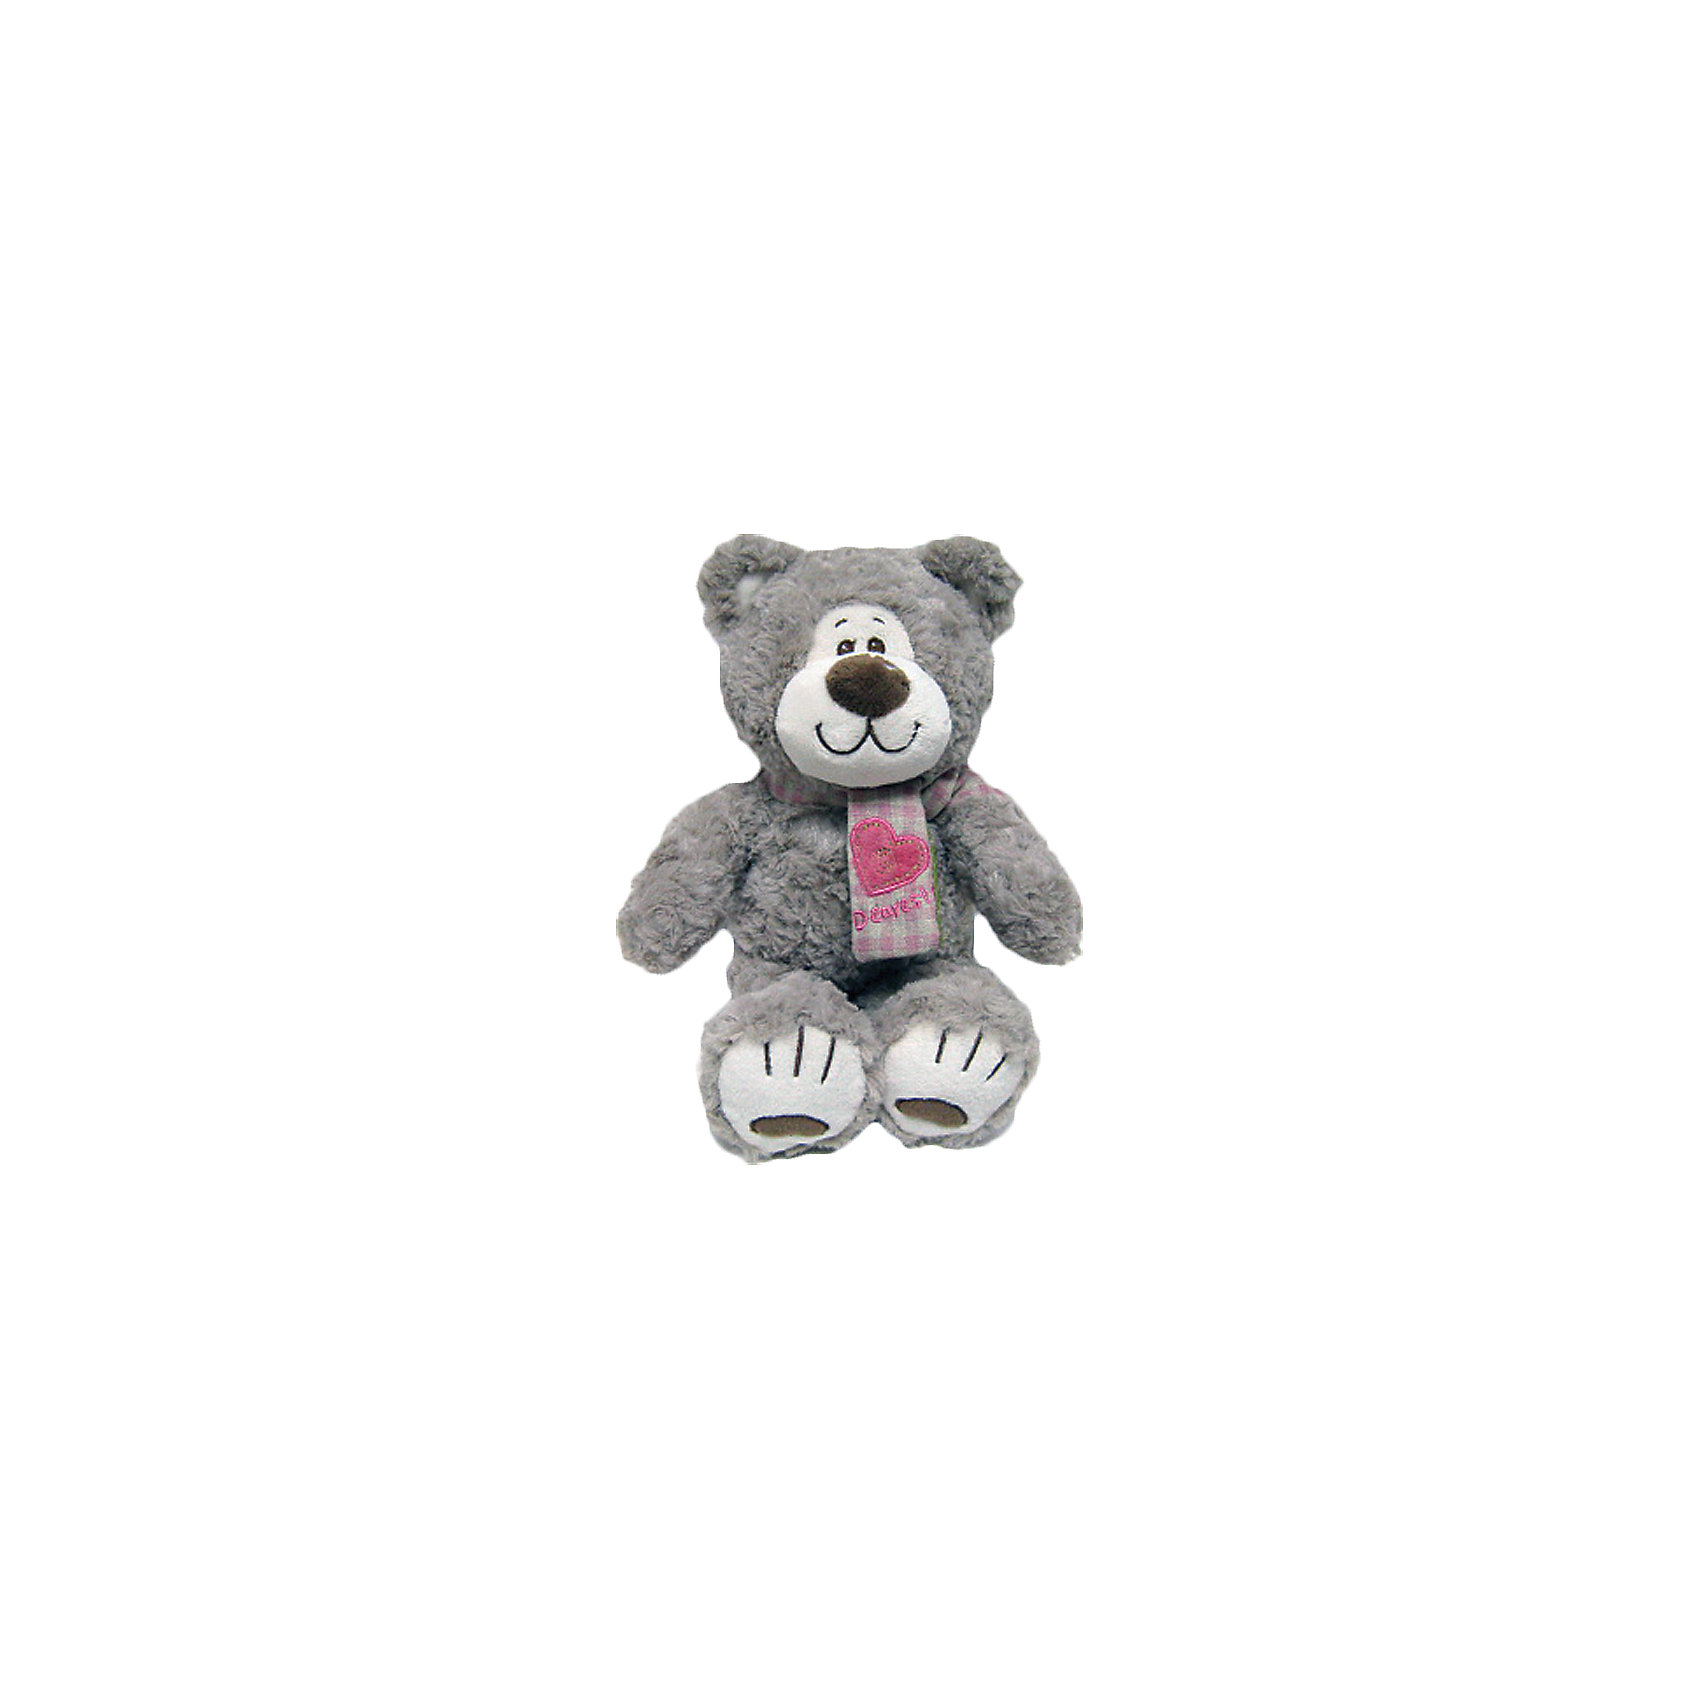 Мишка Митя с шарфом, серый, 20 см, Fluffy FamilyМягкие игрушки – фавориты среди девчачьих игрушек. Приятный материал и милая форма игрушки понравится всем девочкам, любящим игрушечных пушистиков. Медвежонок – классический вариант для подарка, когда хочется показать свою нежность, испытываемую к получателю. Для самых маленьких медвежонок станет отличным компаньоном для сна в обнимку и настоящим другом, которому можно доверить все секреты. Материалы, использованные при изготовлении товара, абсолютно безопасны и отвечают всем международным требованиям по качеству.<br><br>Дополнительные характеристики:<br><br>материал: искусственный мех;<br>цвет: серый;<br>габариты: 20 см.<br><br>Мишку «Митя с шарфом» от компании Fluffy Family можно приобрести в нашем магазине.<br><br>Ширина мм: 650<br>Глубина мм: 580<br>Высота мм: 450<br>Вес г: 111<br>Возраст от месяцев: 36<br>Возраст до месяцев: 96<br>Пол: Унисекс<br>Возраст: Детский<br>SKU: 5032479